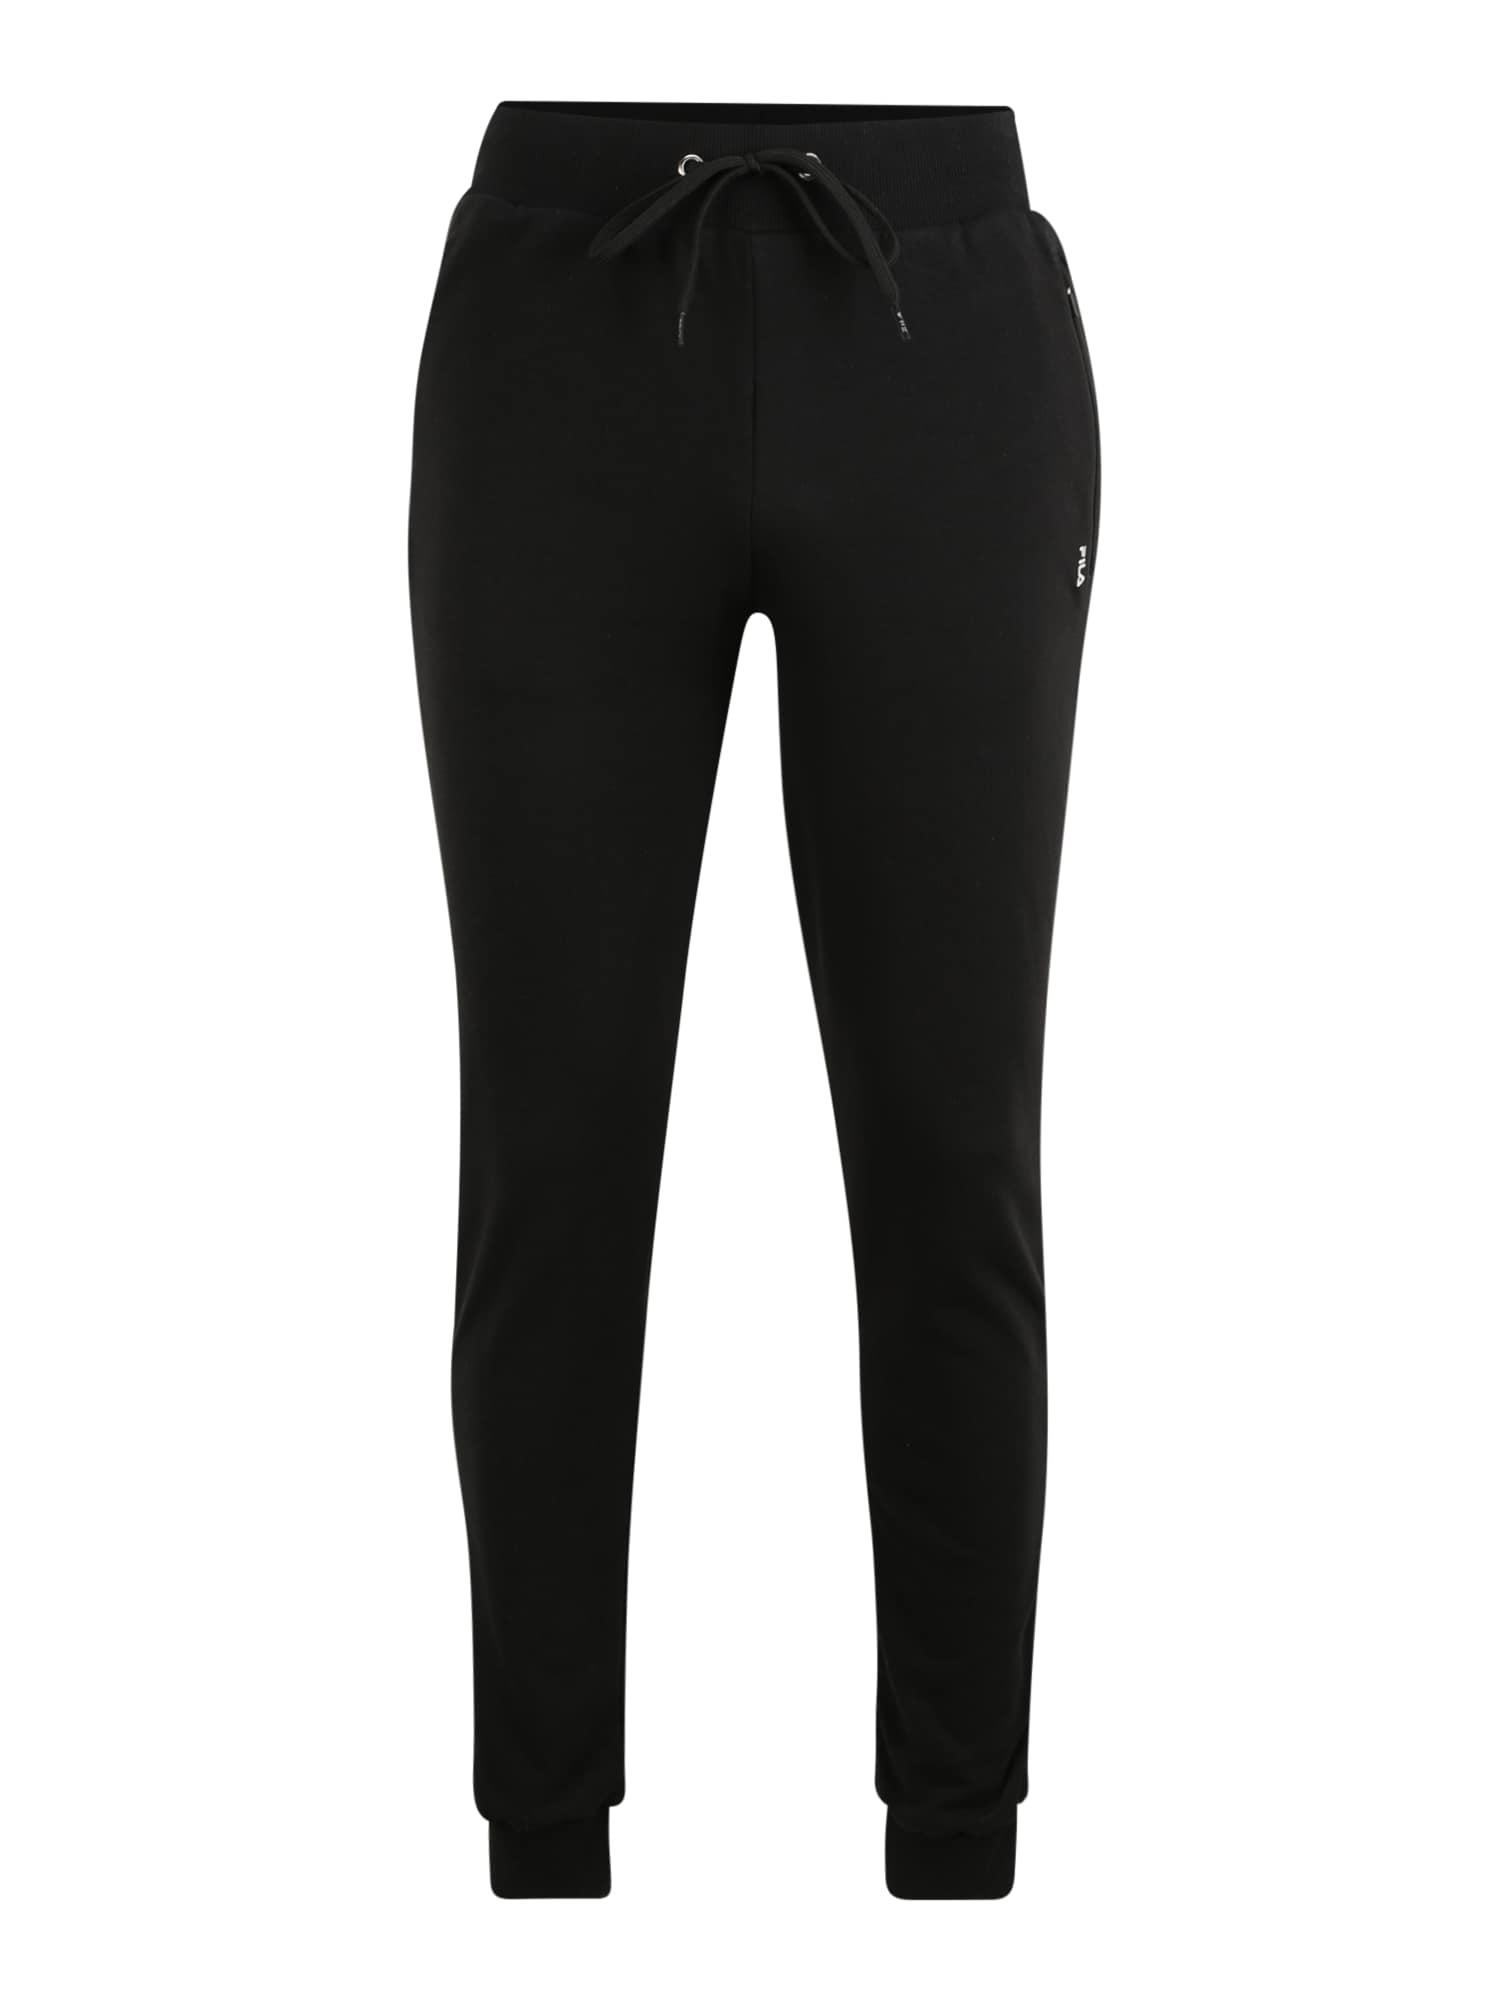 FILA Sportinės kelnės 'Kirk' juoda